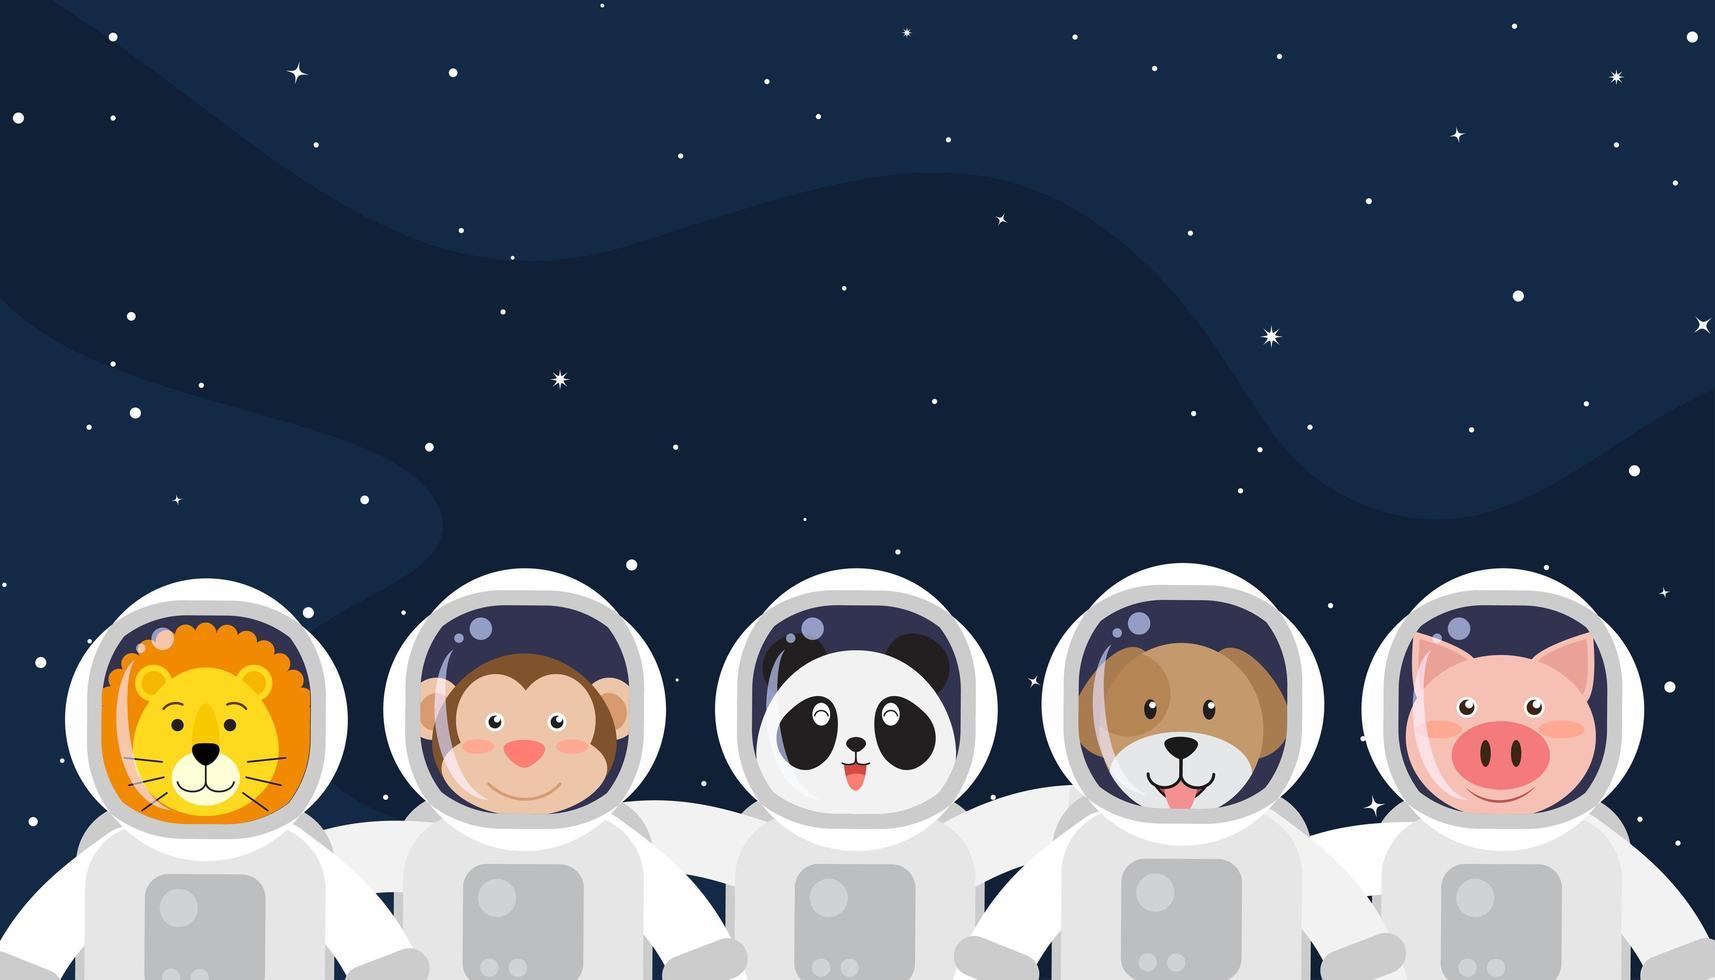 uppsättning söta djuras astronauter i rymden vektor